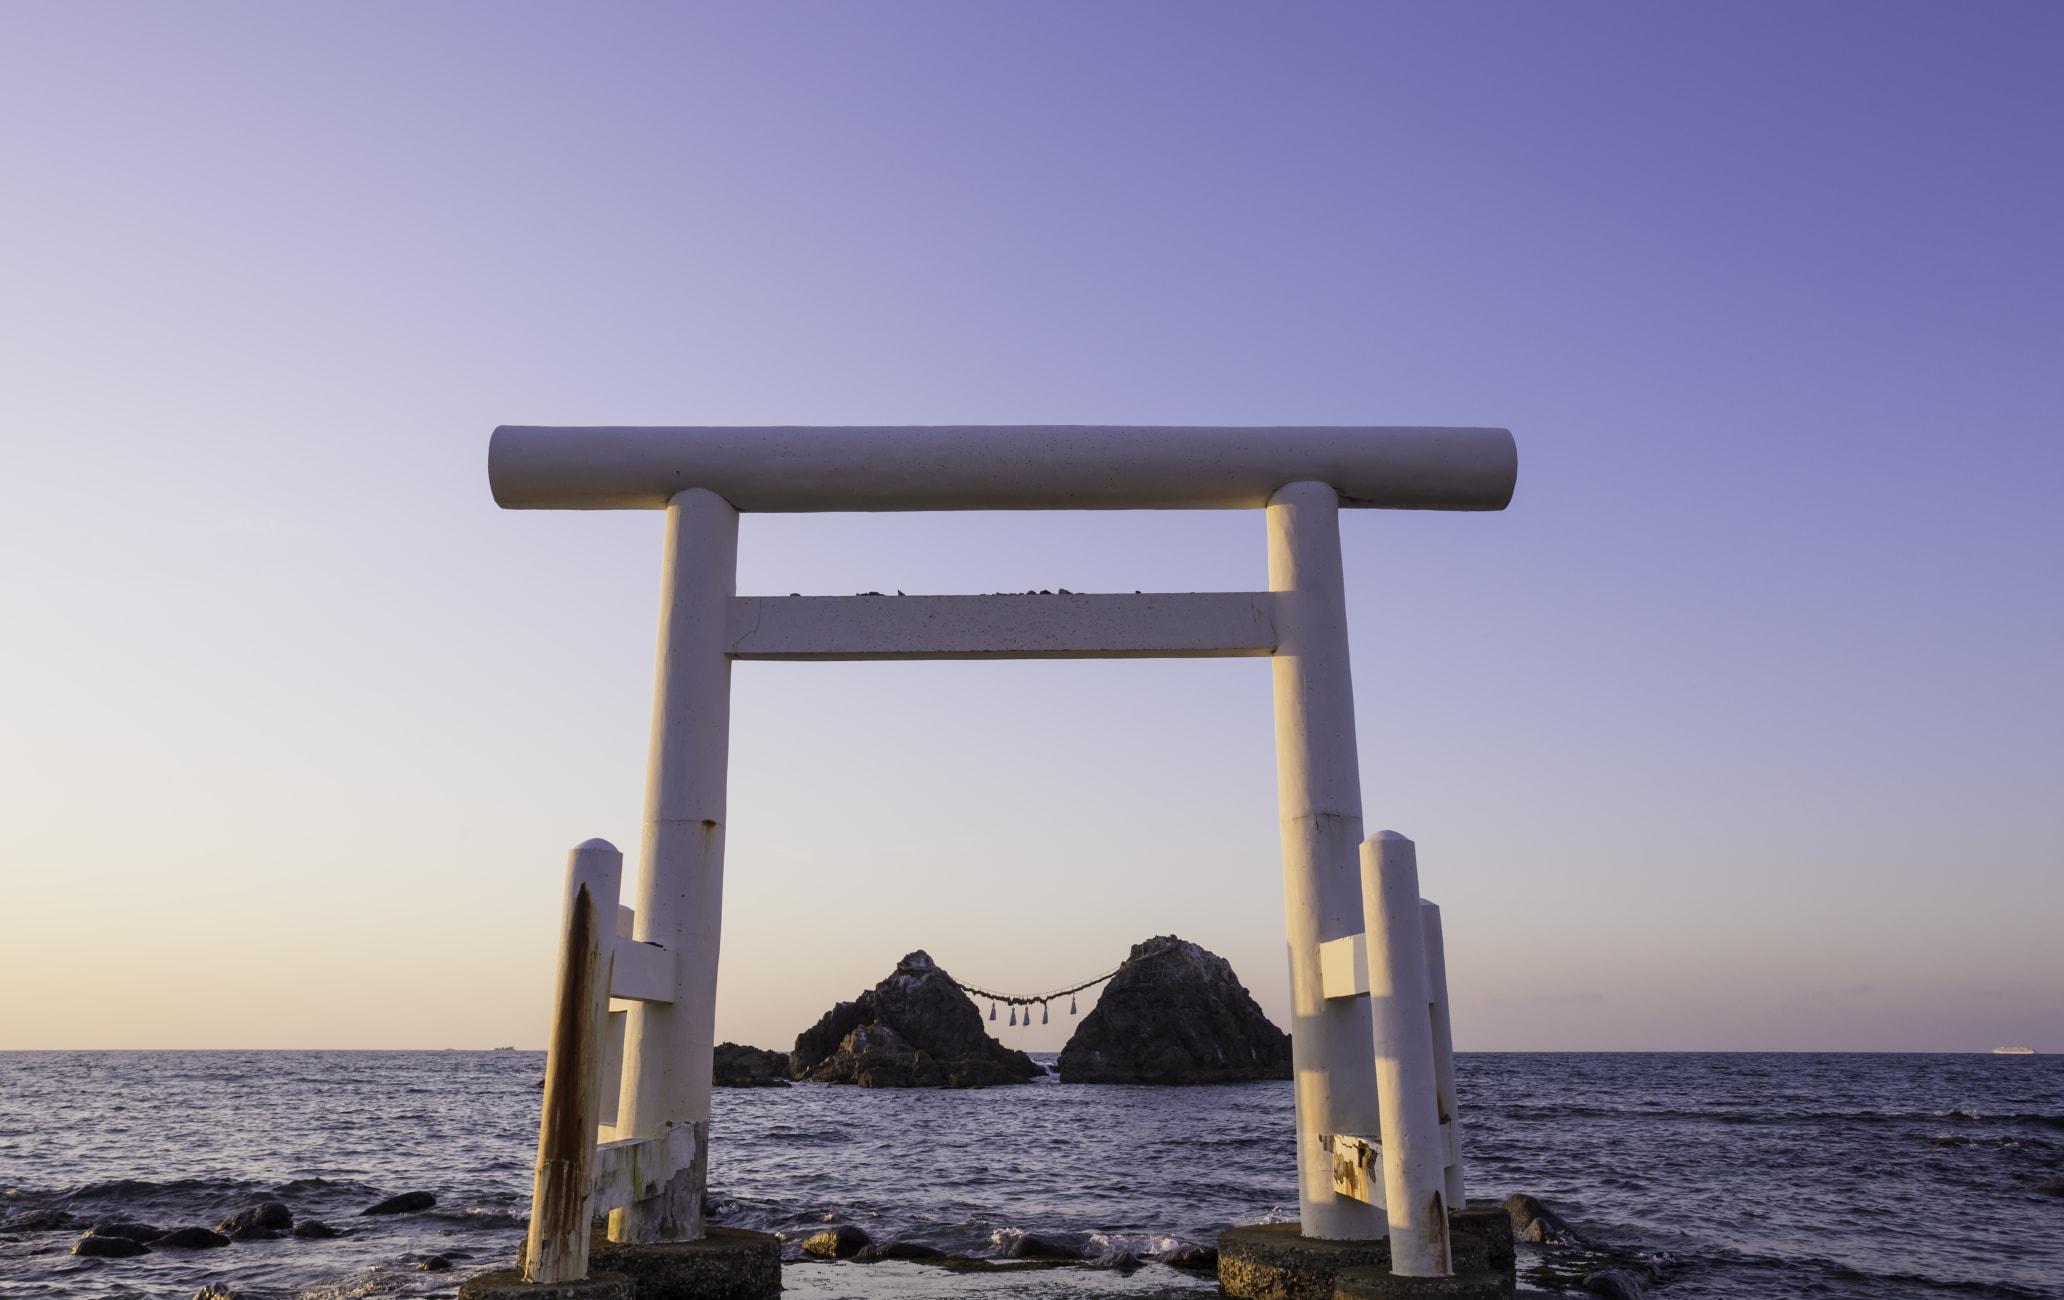 Itoshima Hanto